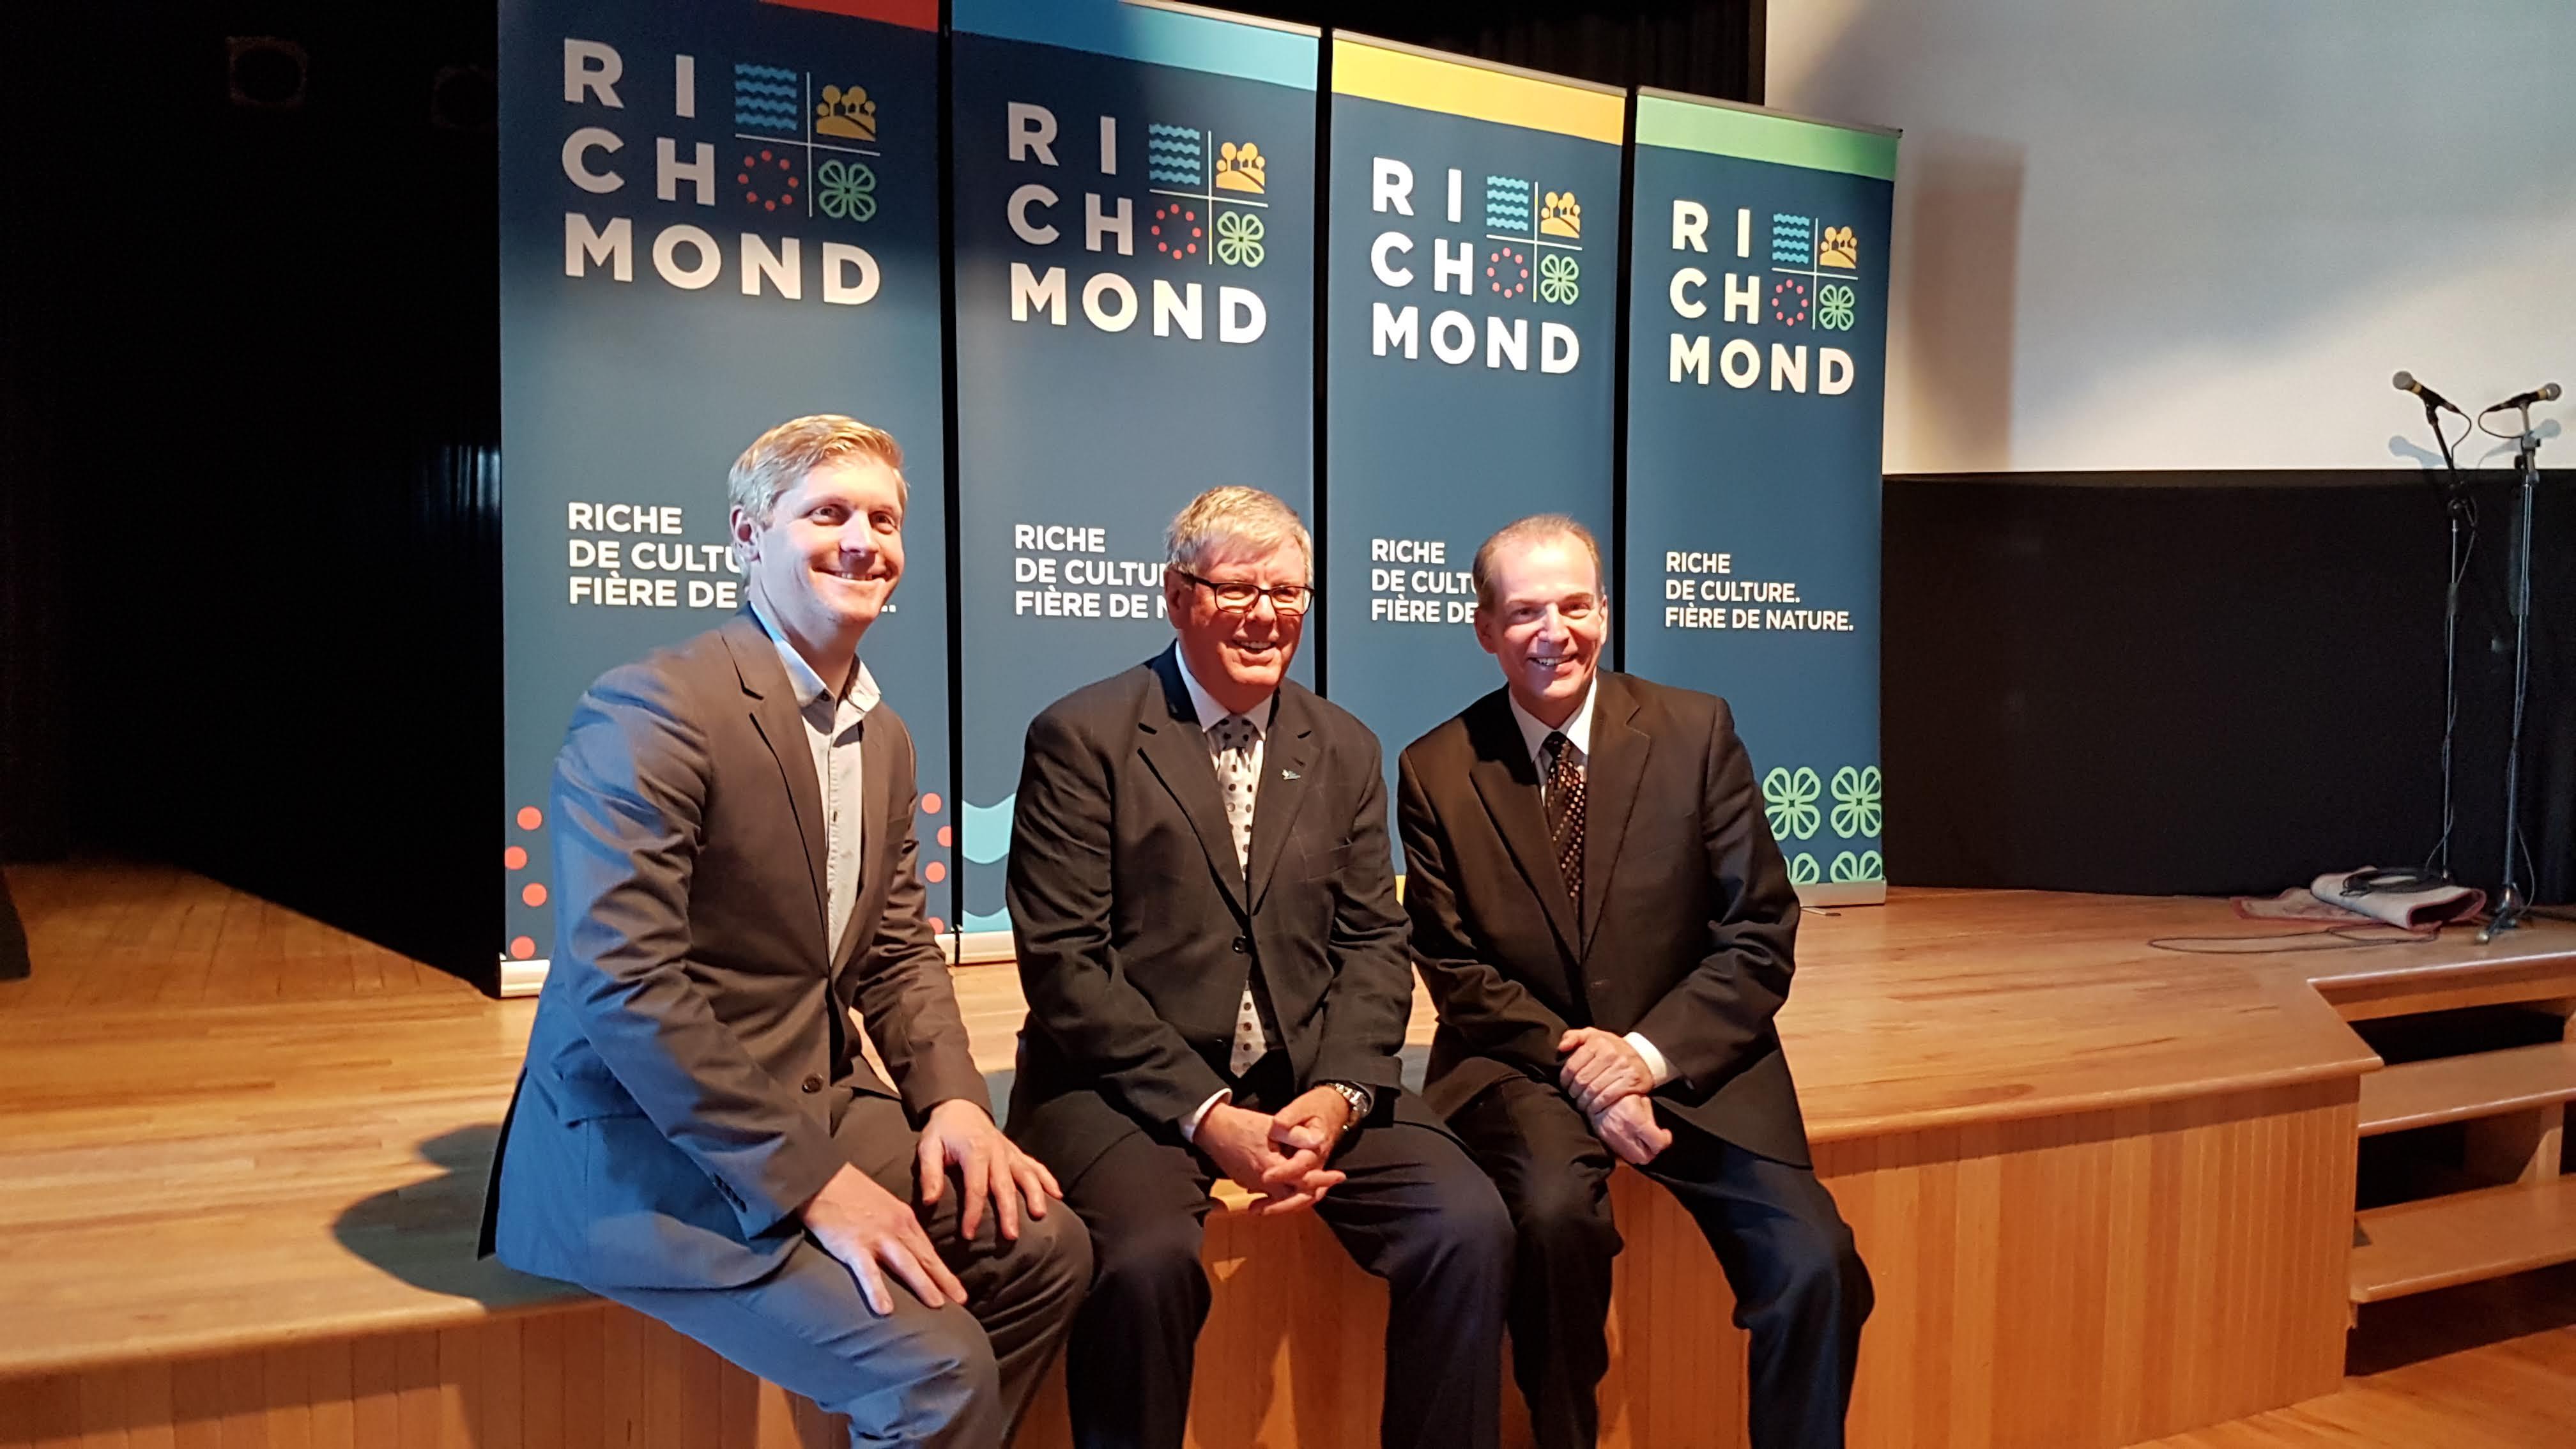 Nouvelle image pour la Ville de Richmond